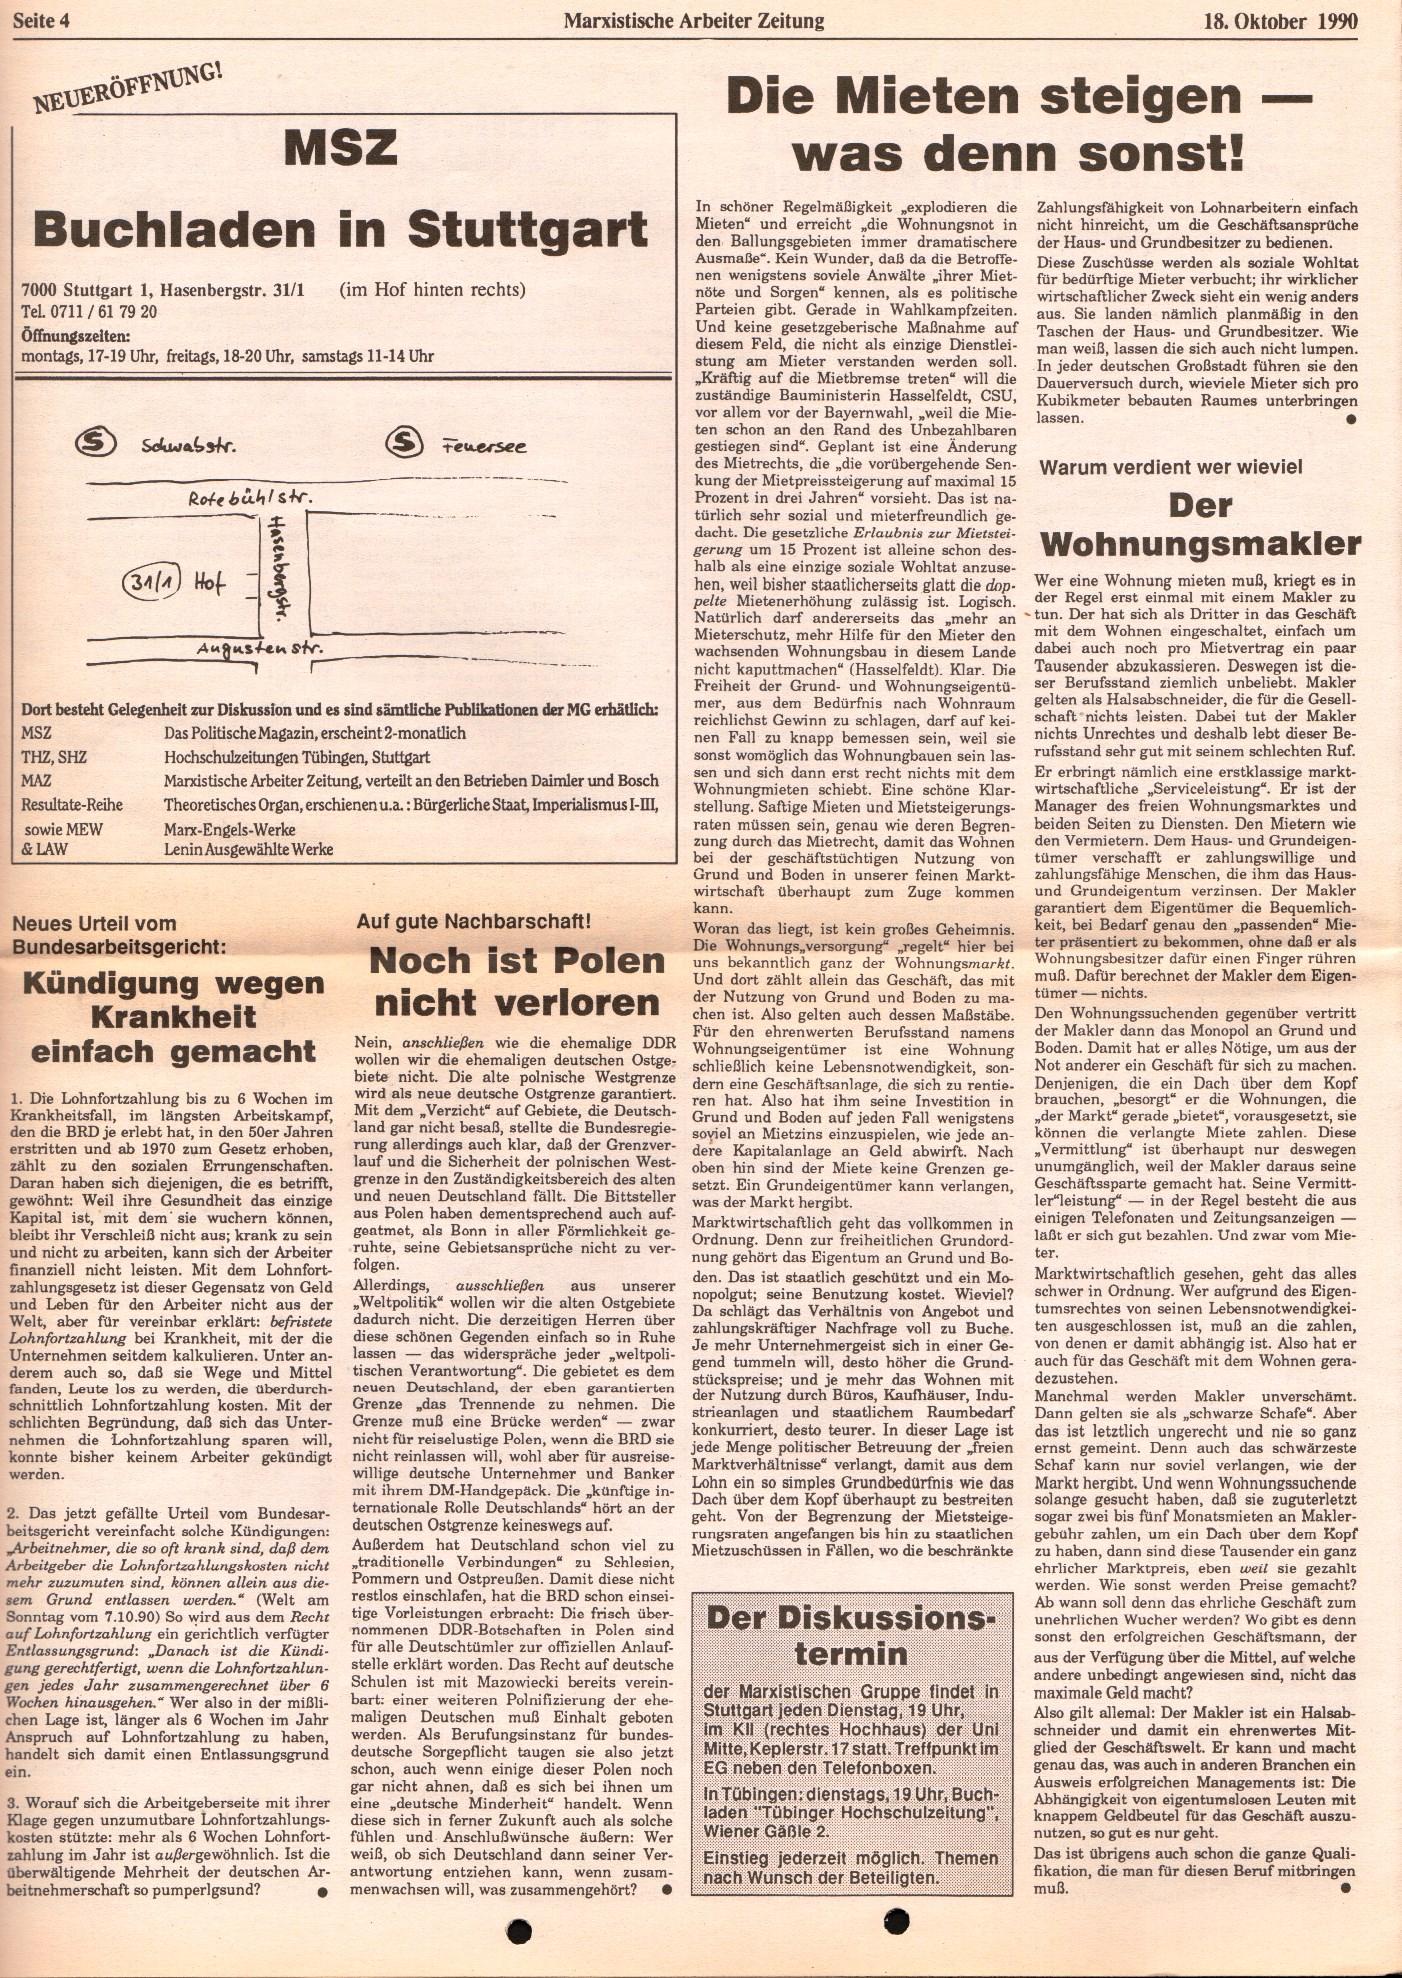 BW_MG_Marxistische_Arbeiterzeitung_19901018_04